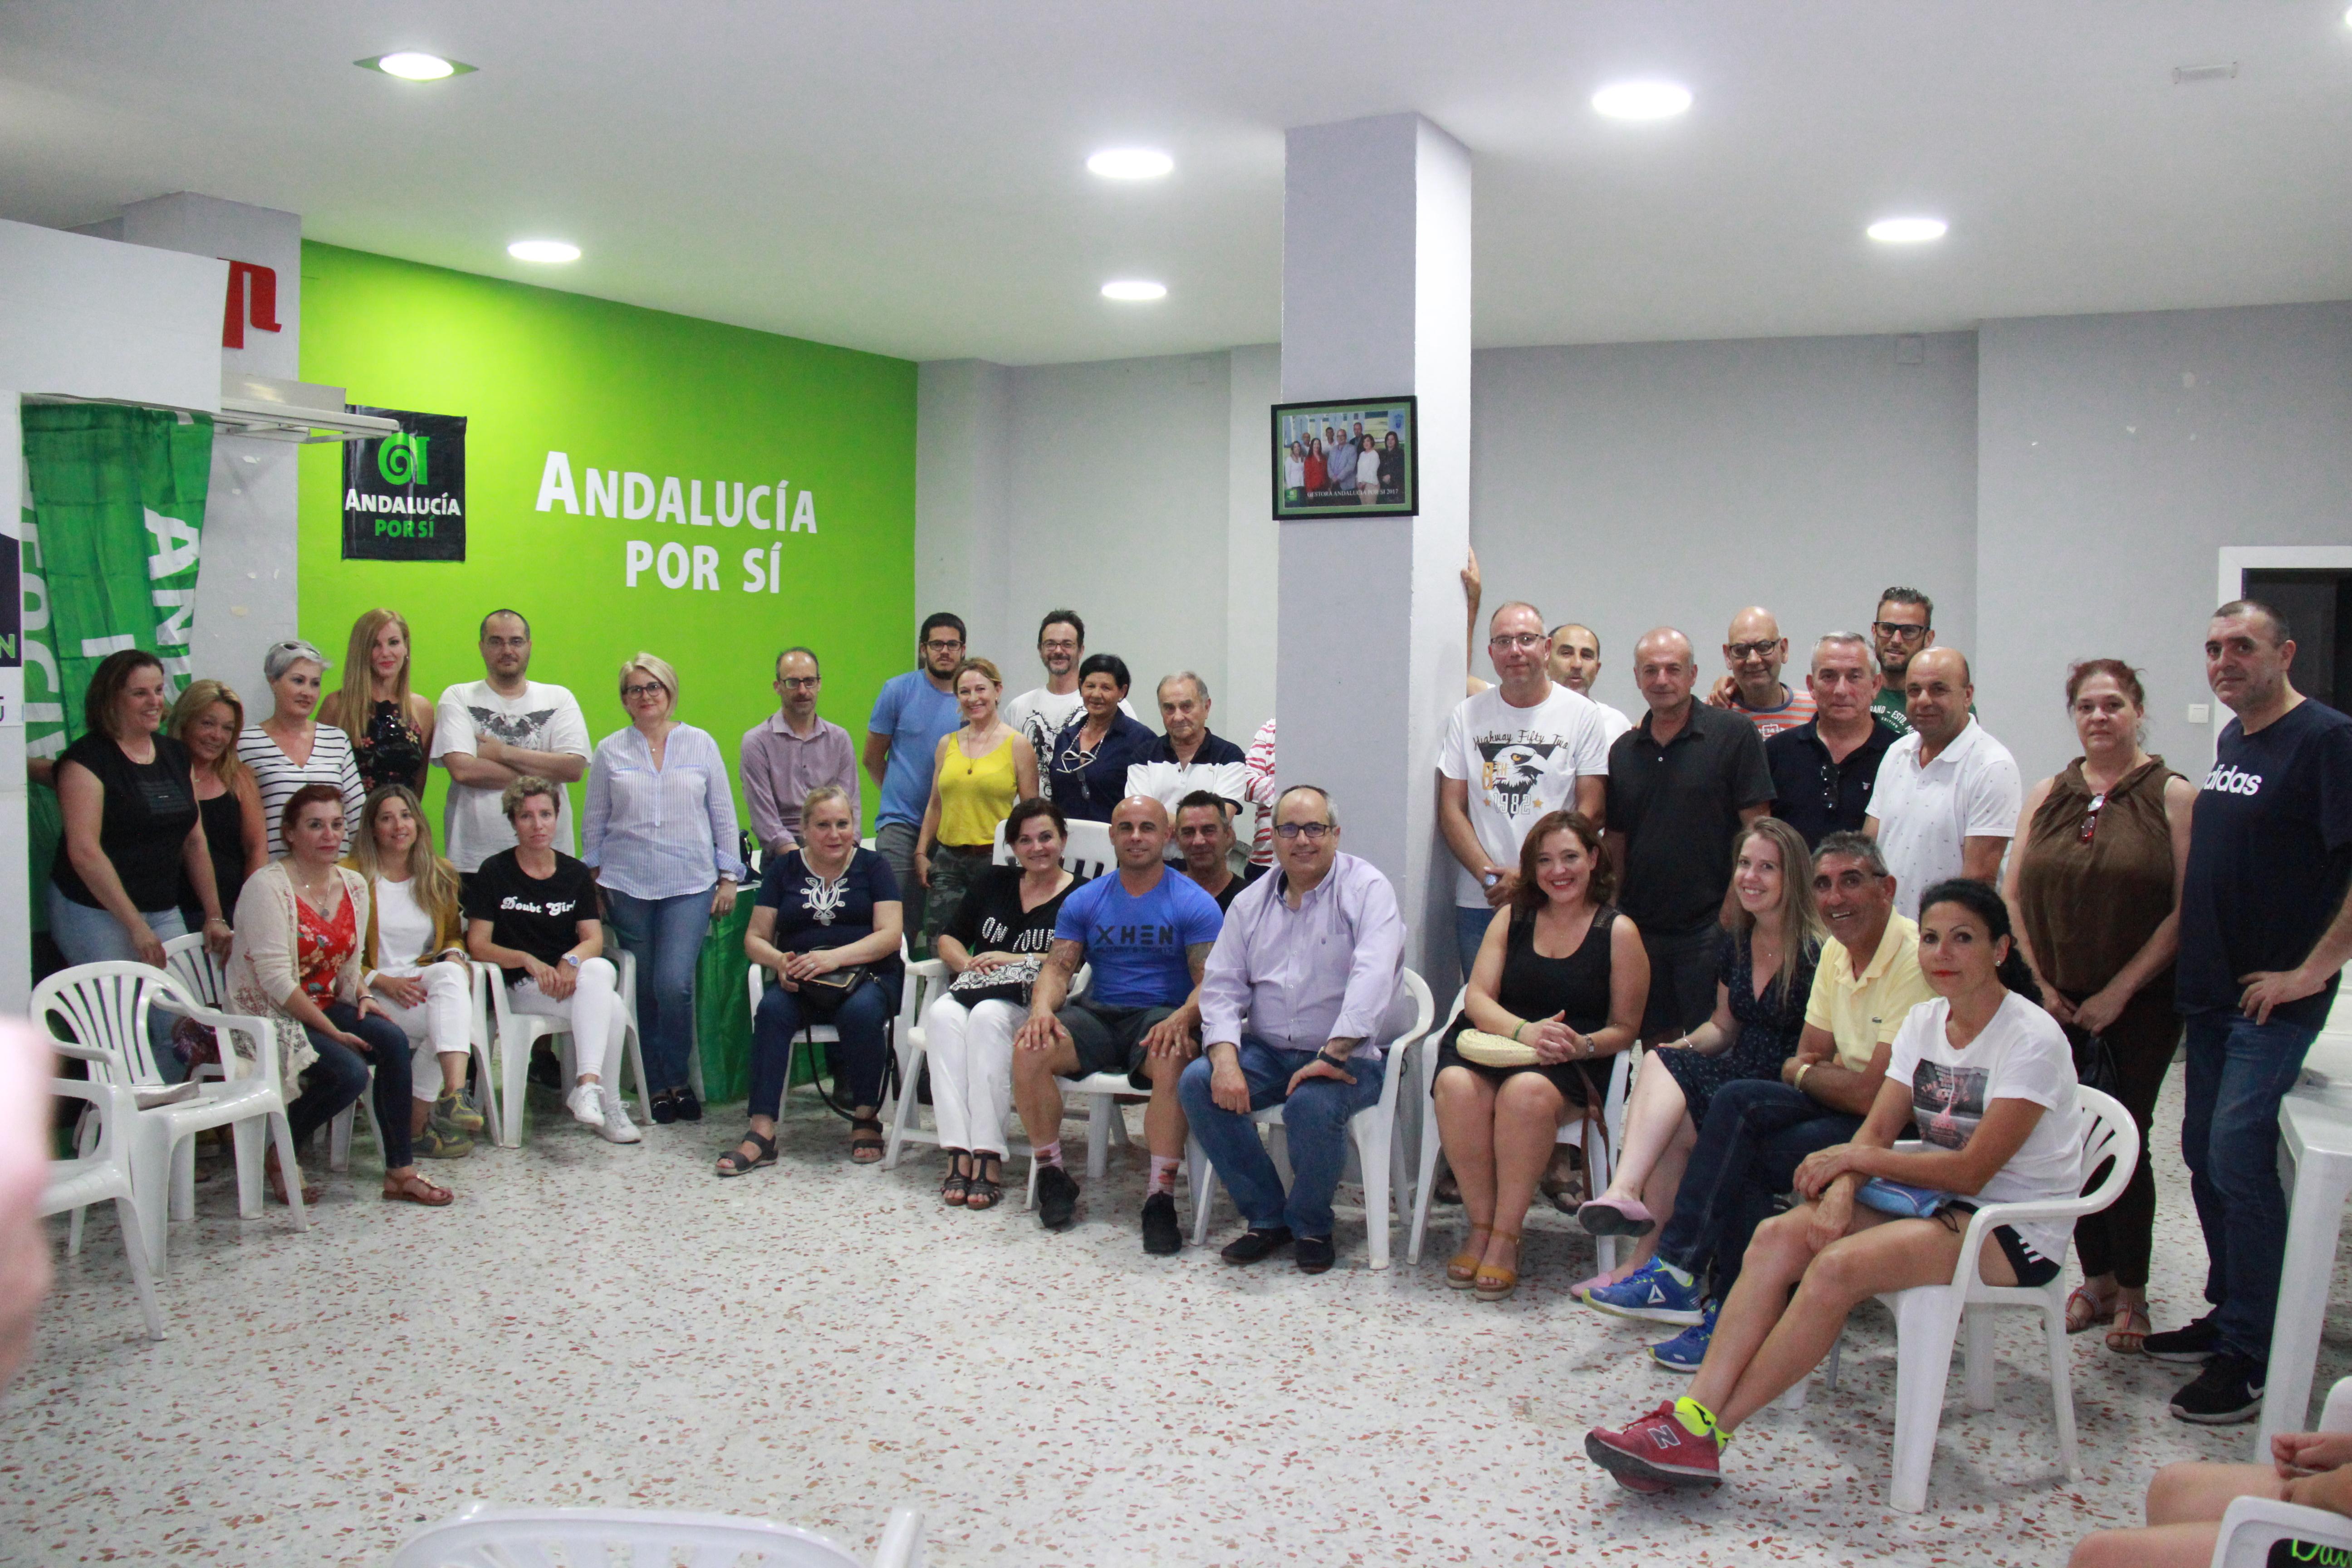 Asamblea AxSí rechaza pacto PP 10-06-19